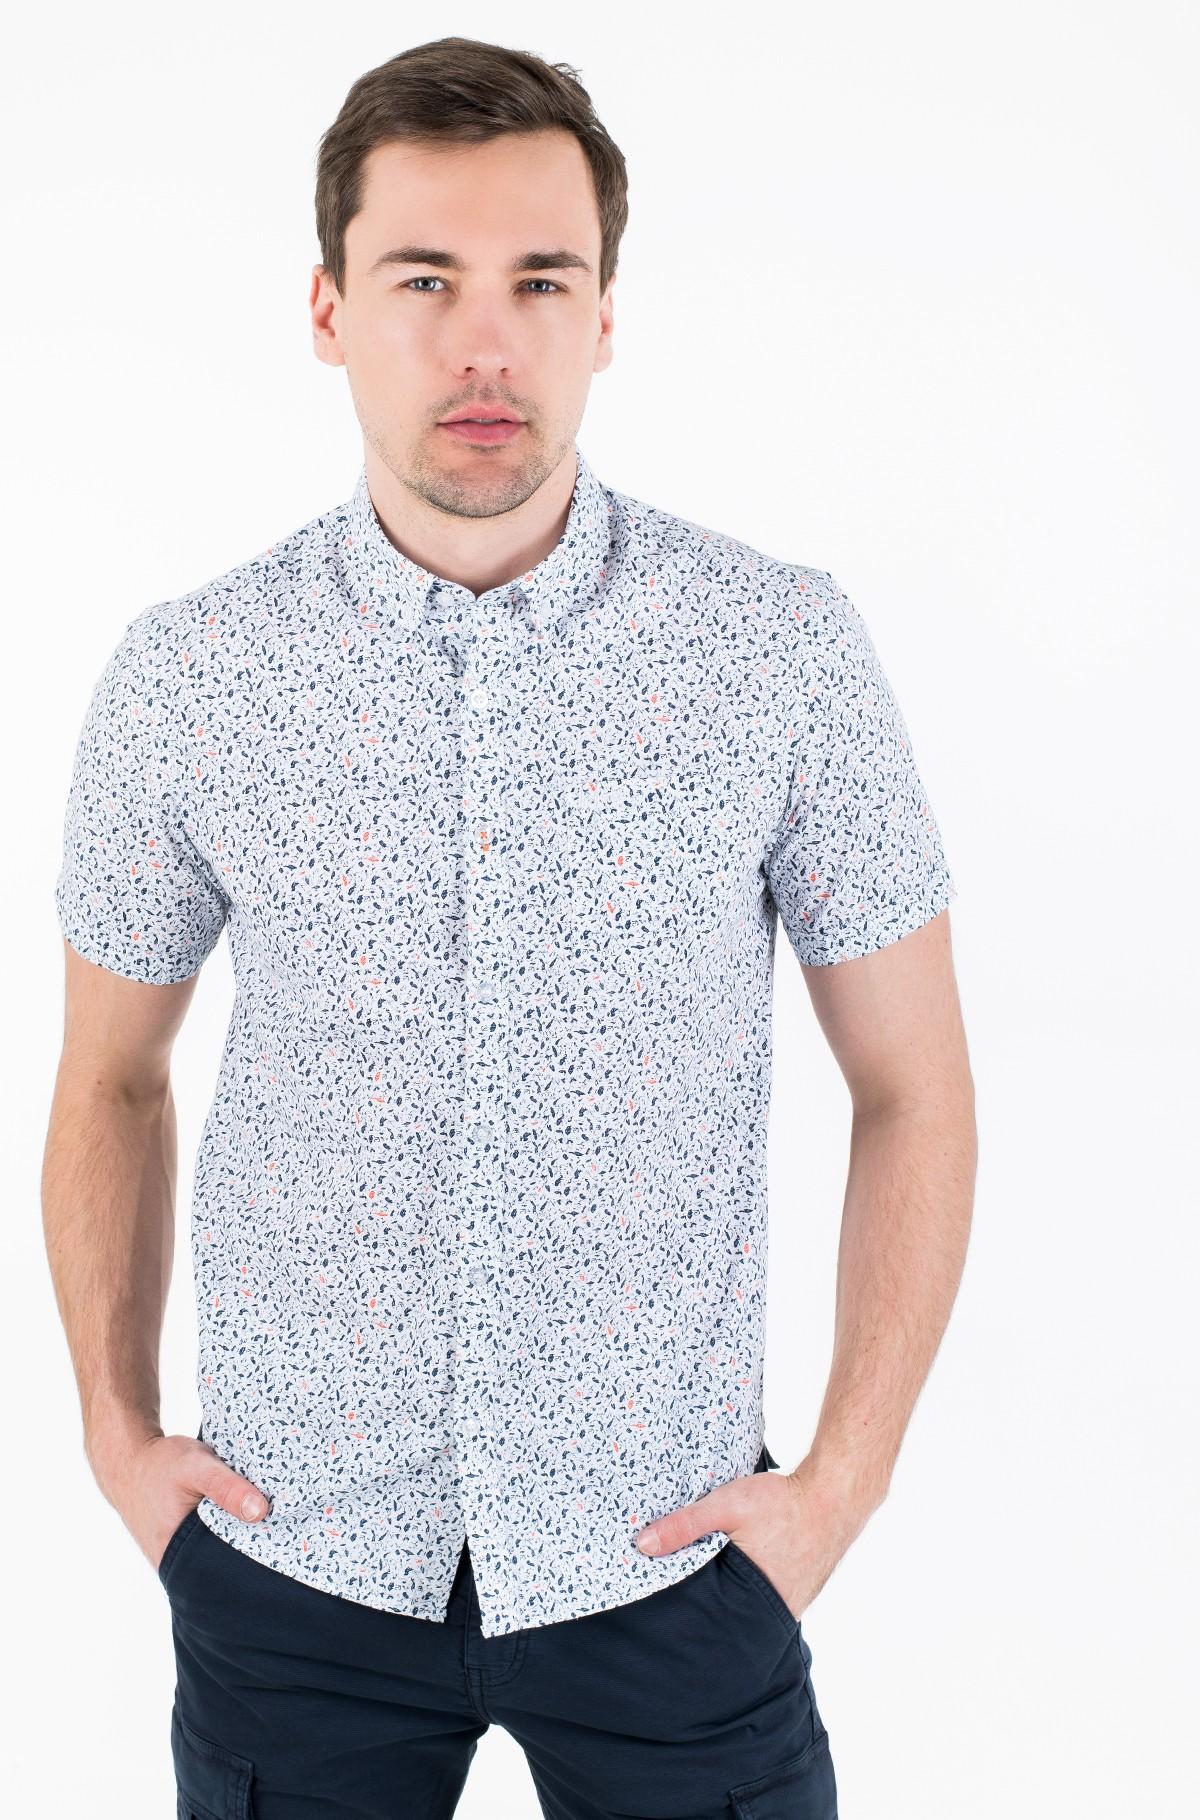 Marškiniai su trumpomis rankovėmis DICHA_4518-full-1